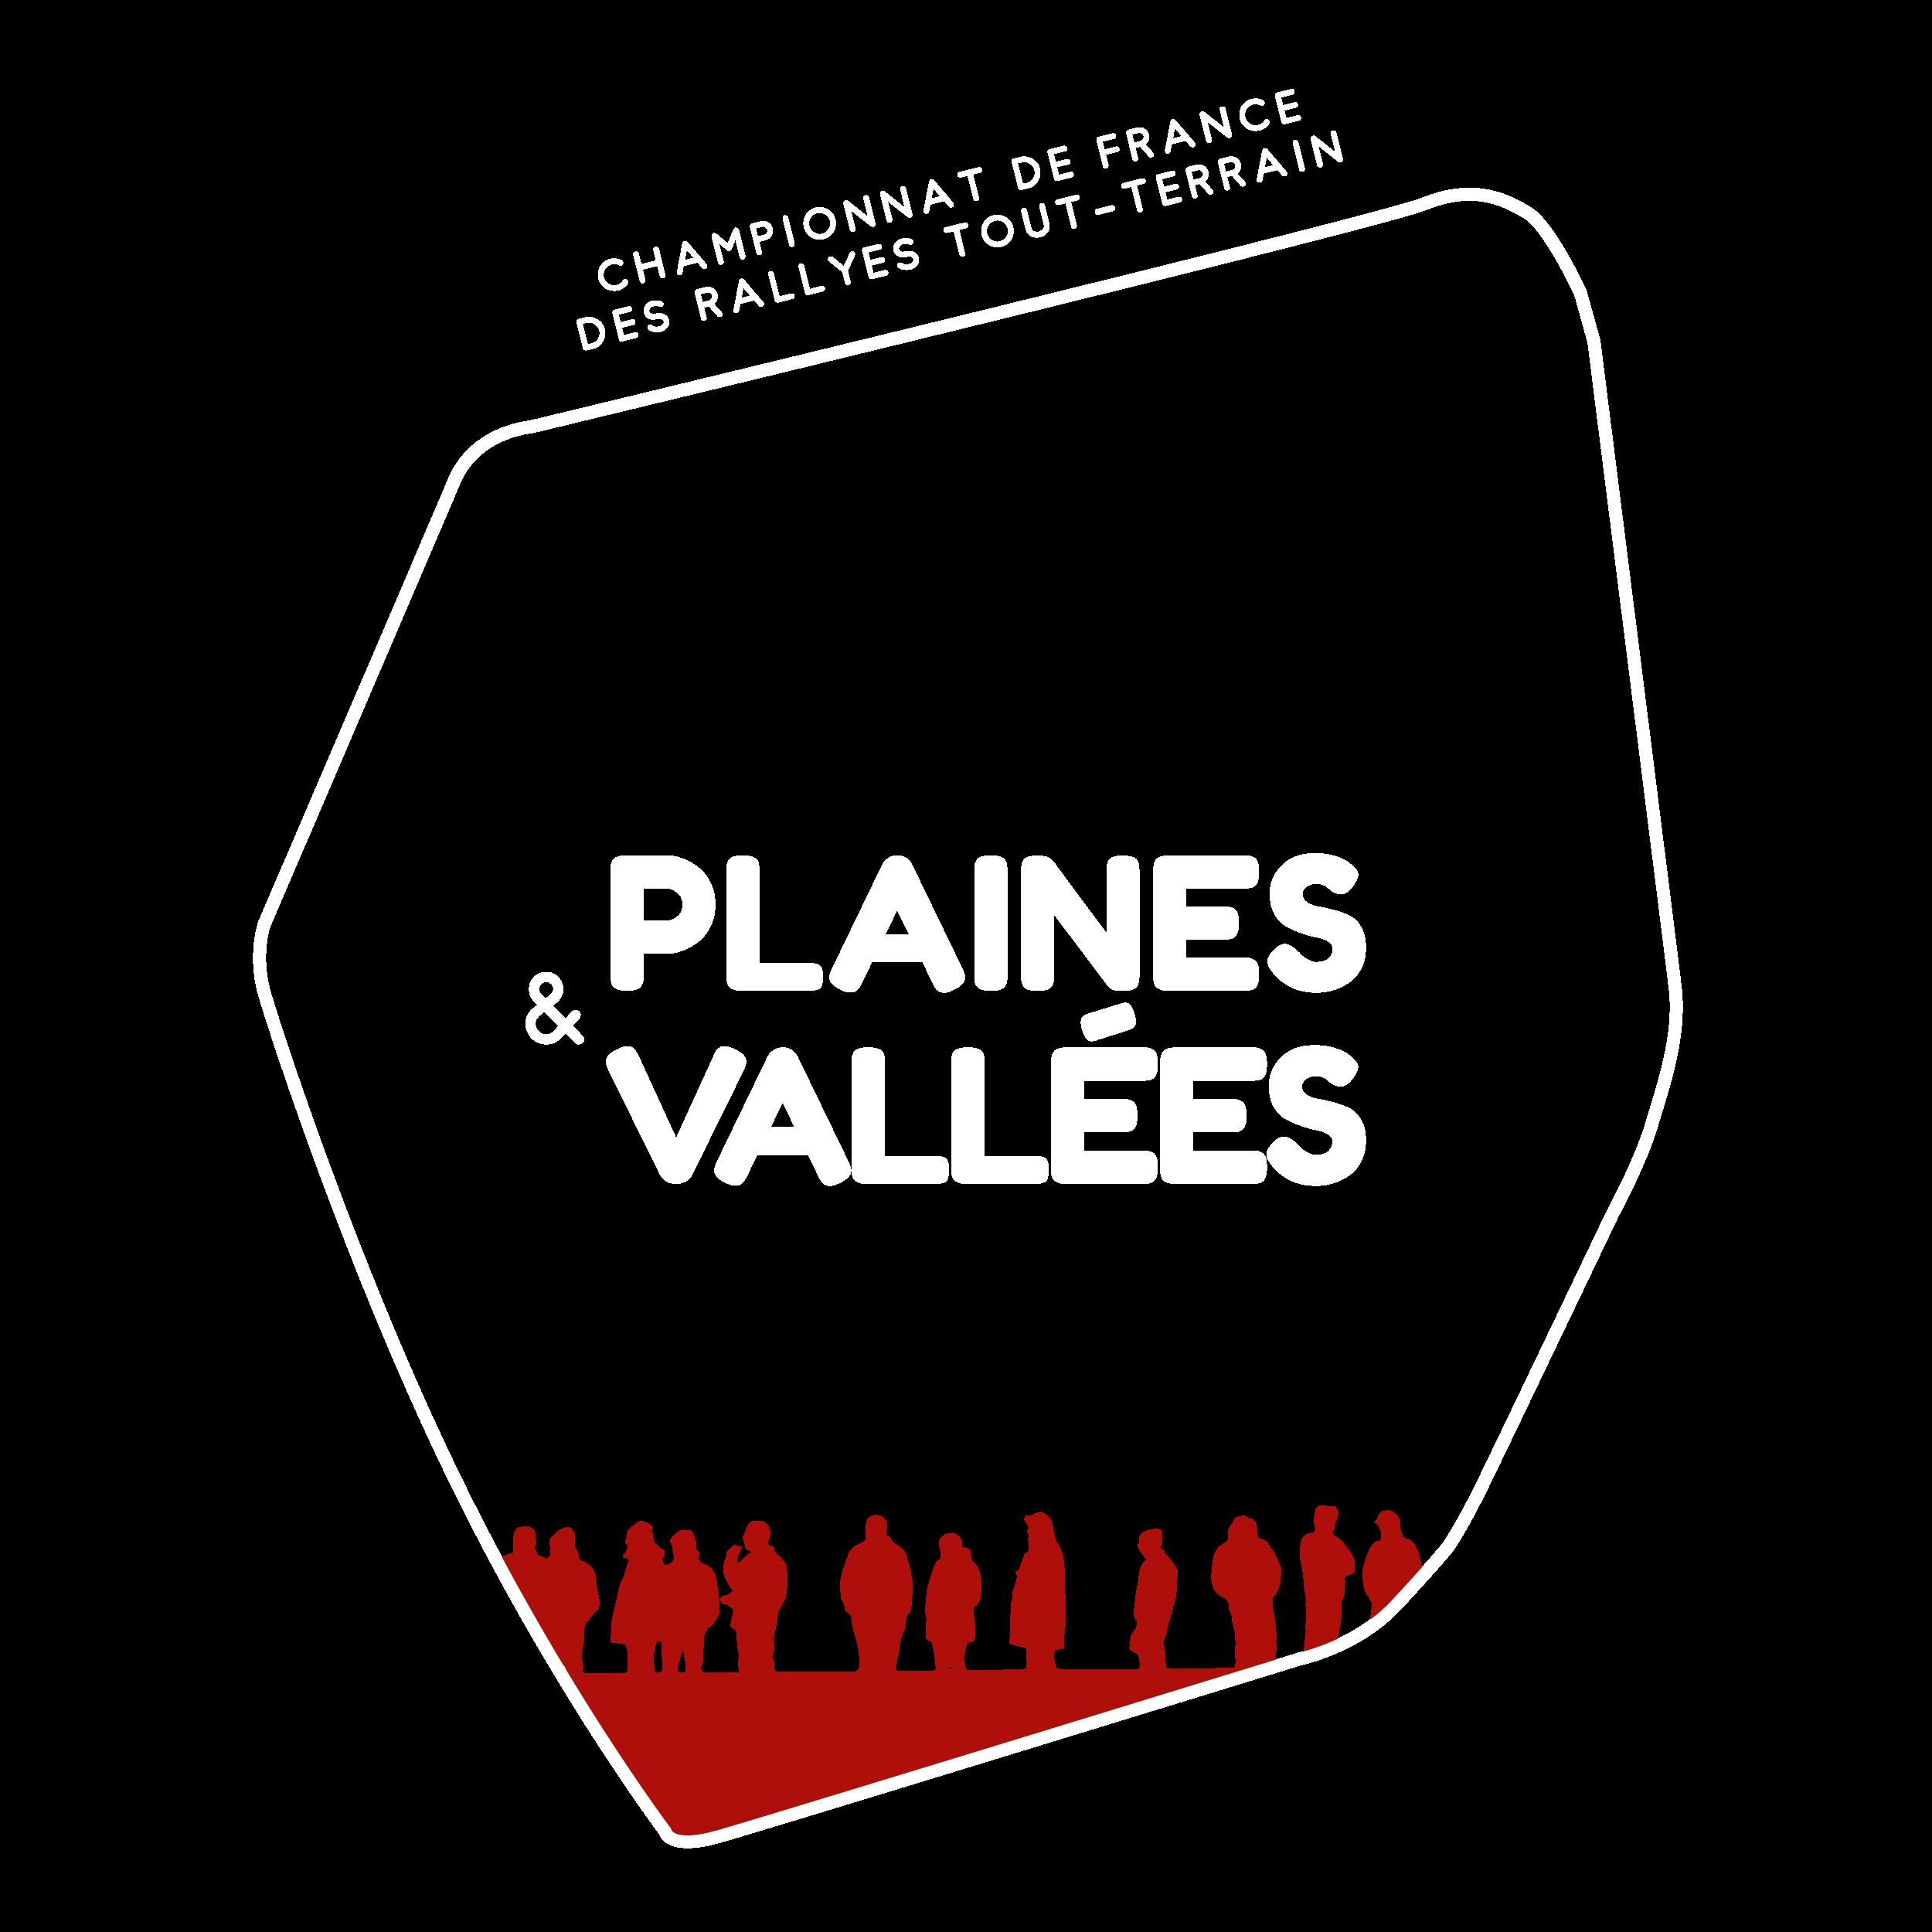 Logo Rallye TT Plaines et Vallées Championnat de France